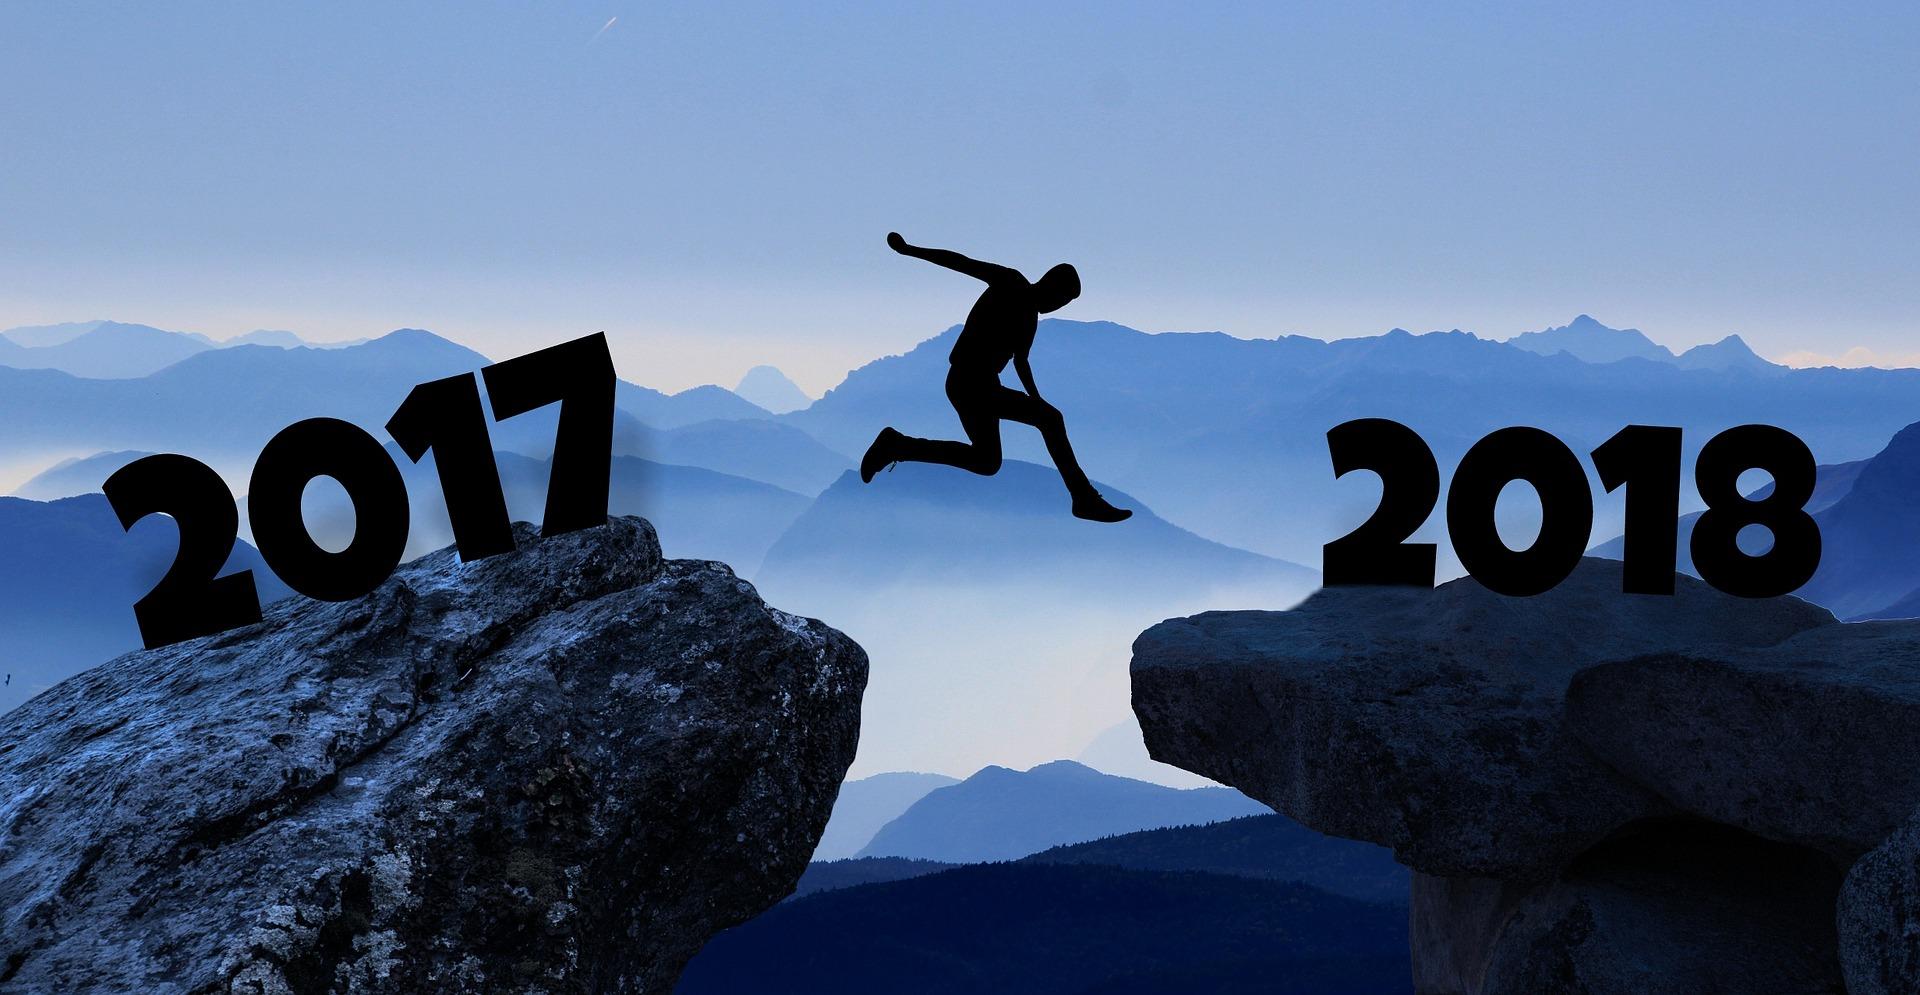 3 ไอเดีย ปีใหม่นี้เลือกของขวัญอย่างไรให้โดนใจชาวไบค์เกอร์